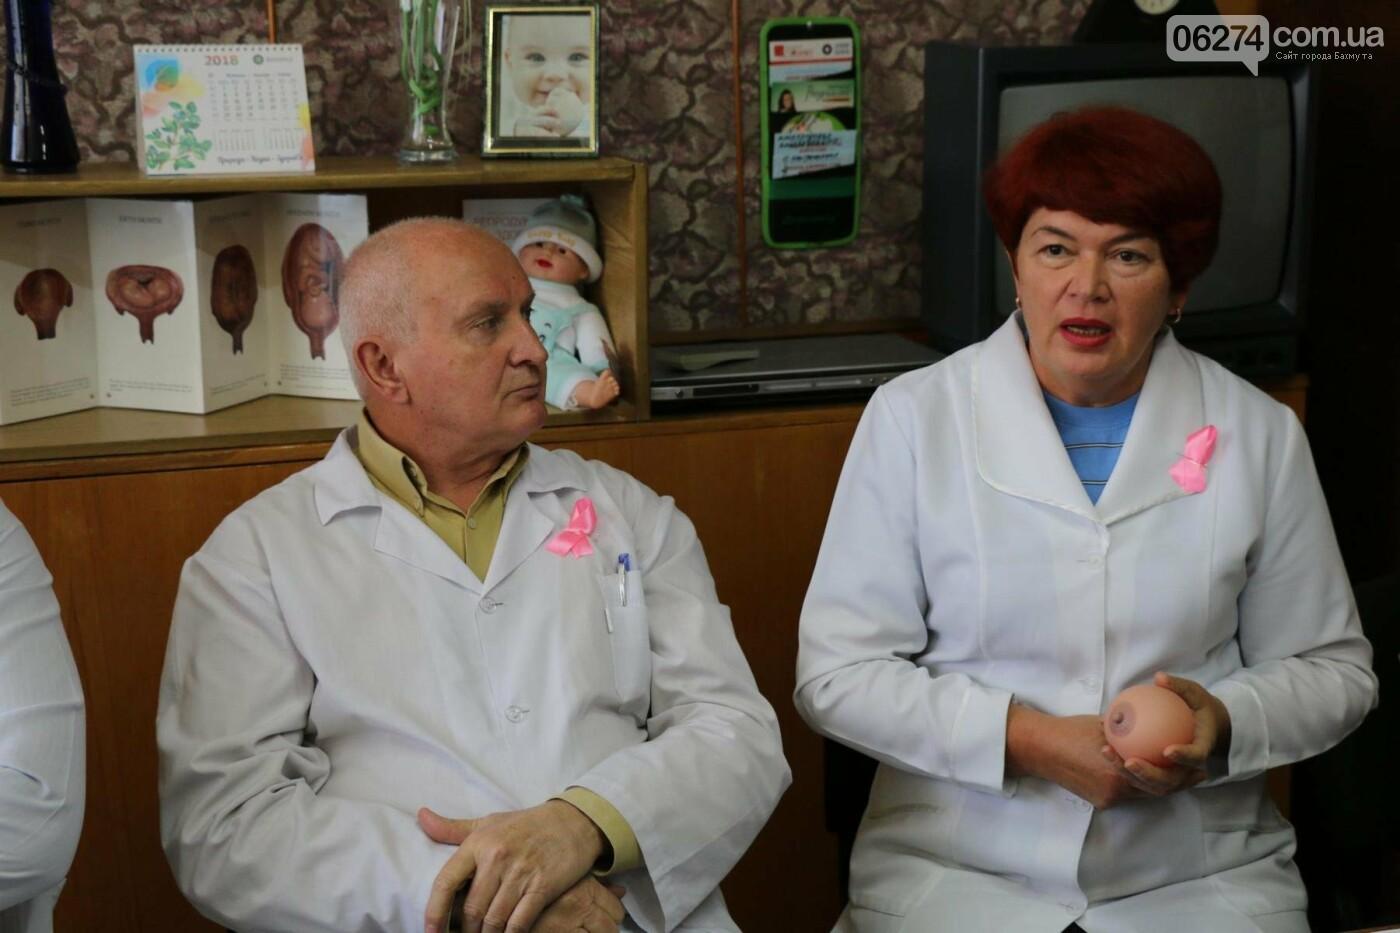 В Бахмуте медики обсудили методы борьбы с раком молочной железы, фото-3